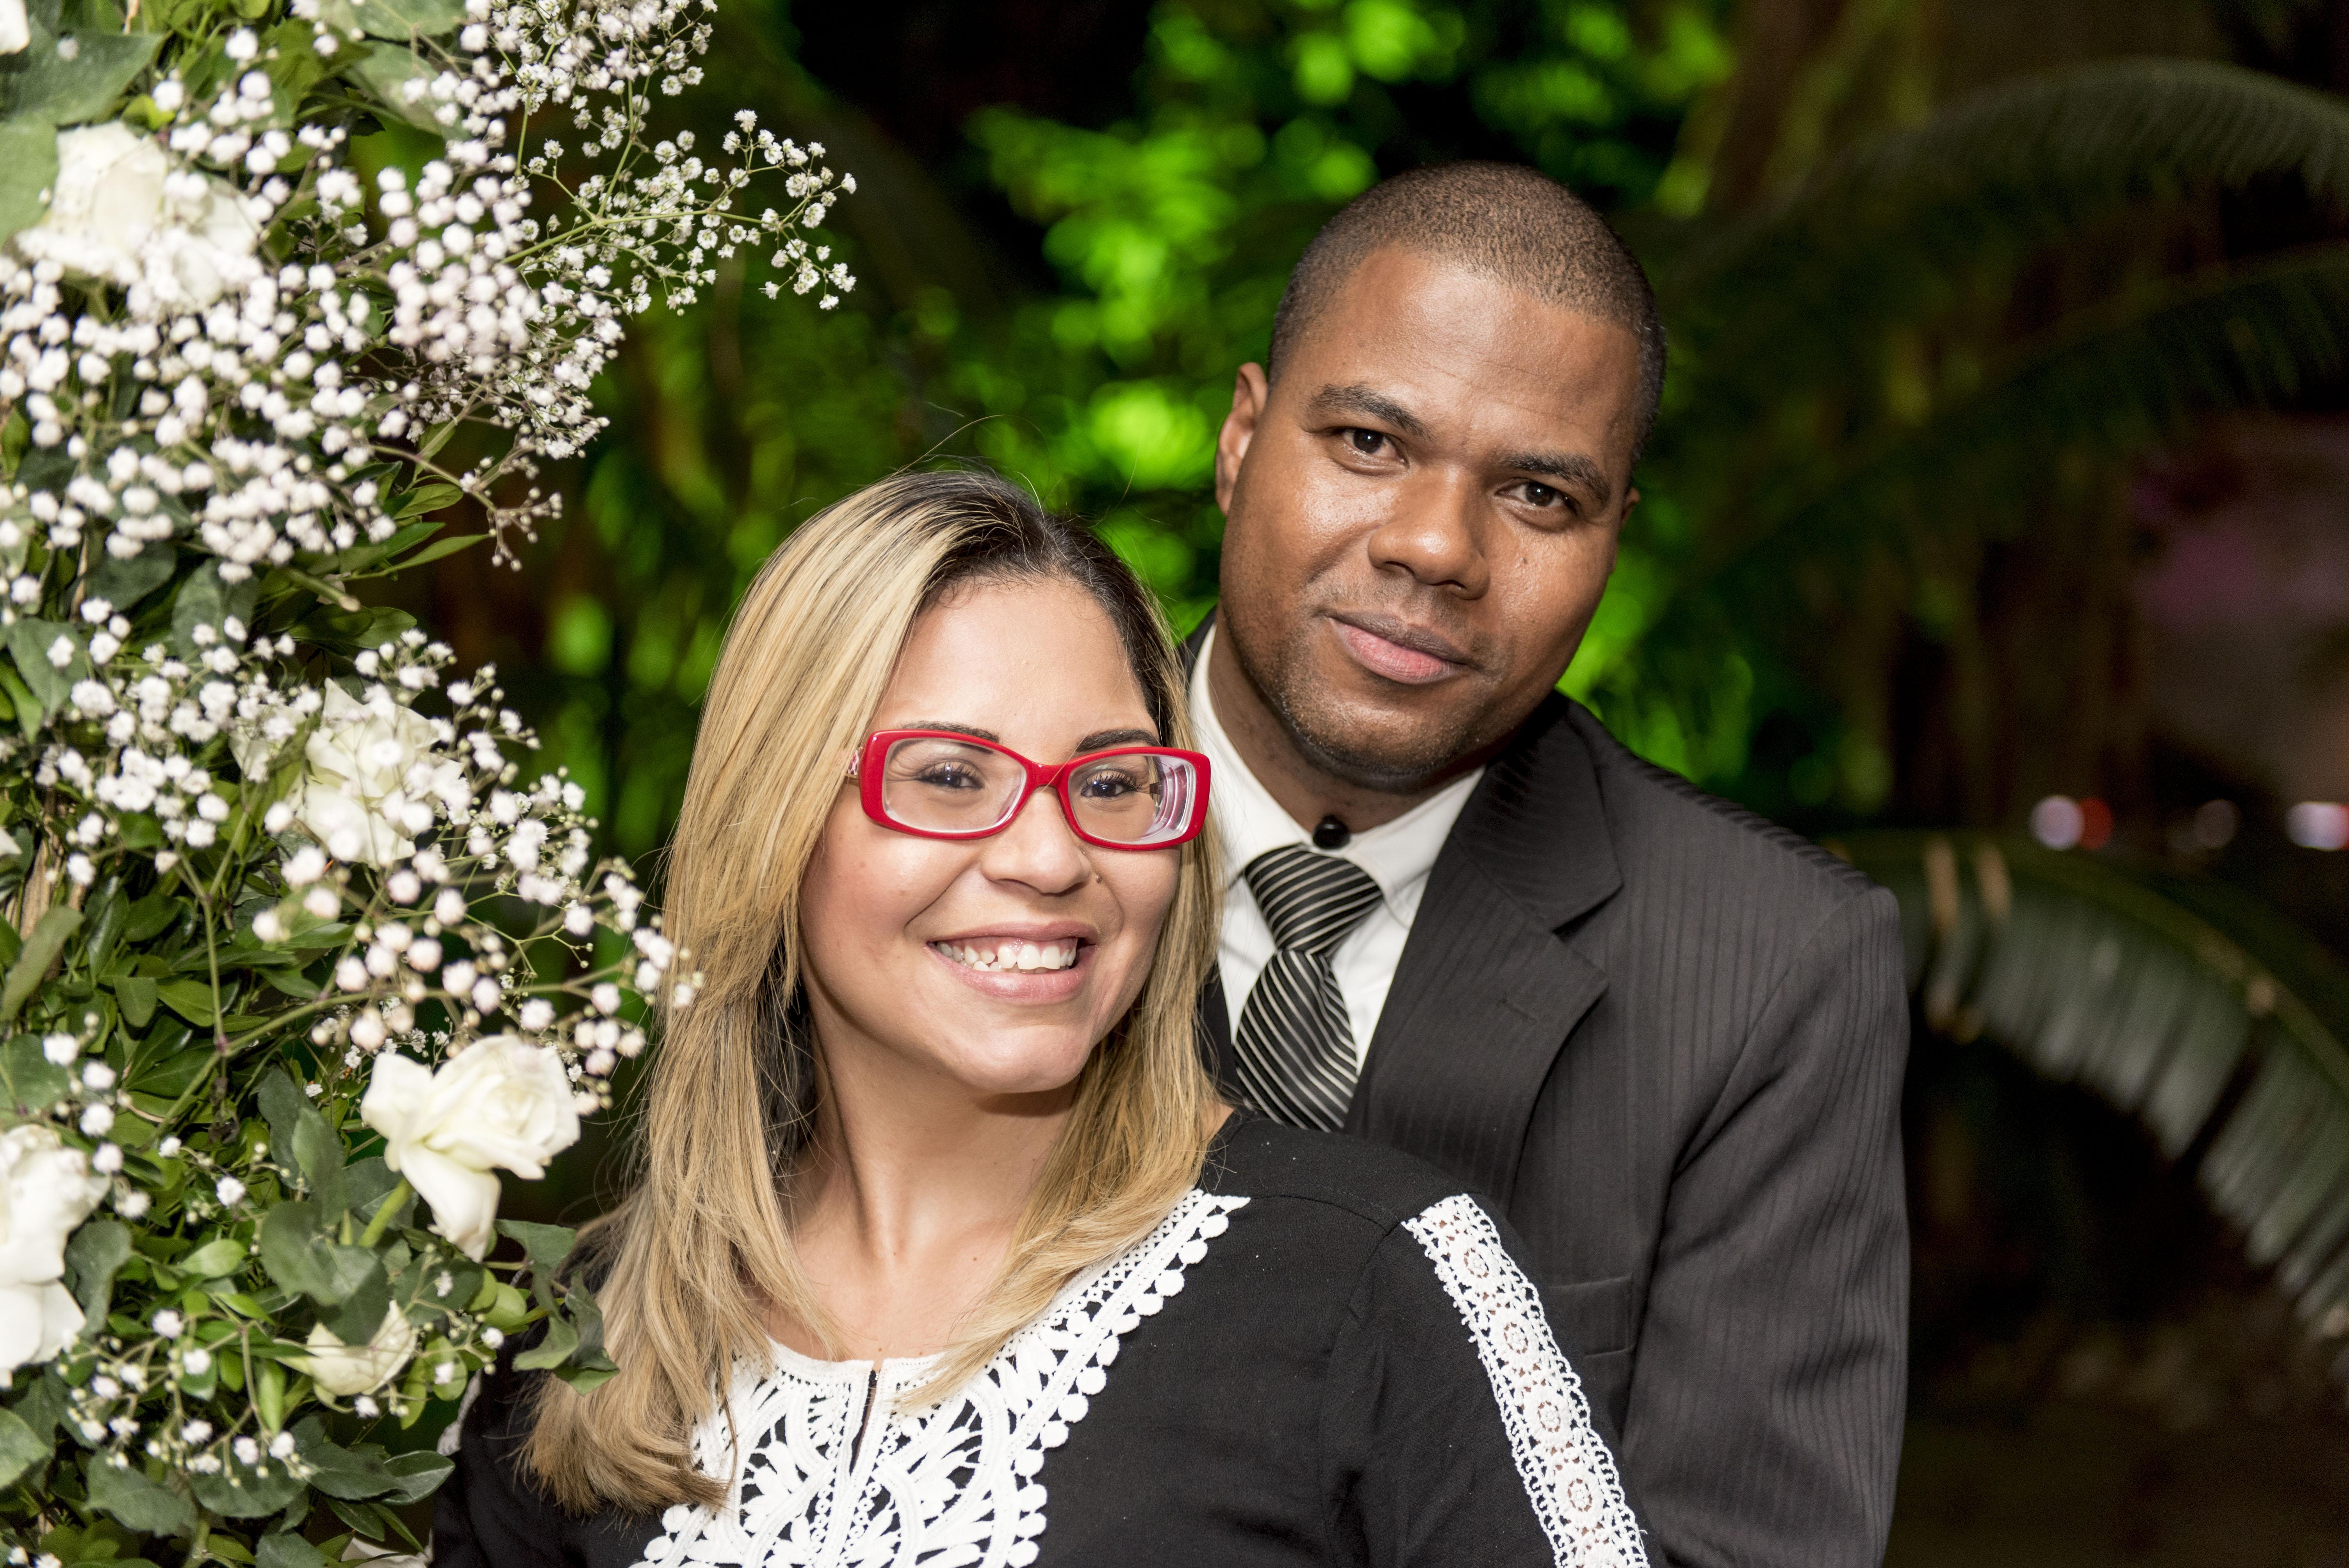 Sobre Rico Photos Fotógrafo de casamento e 15 Anos no Rj, Niterói, São Gonçalo, Itaboraí e Região dos Lagos